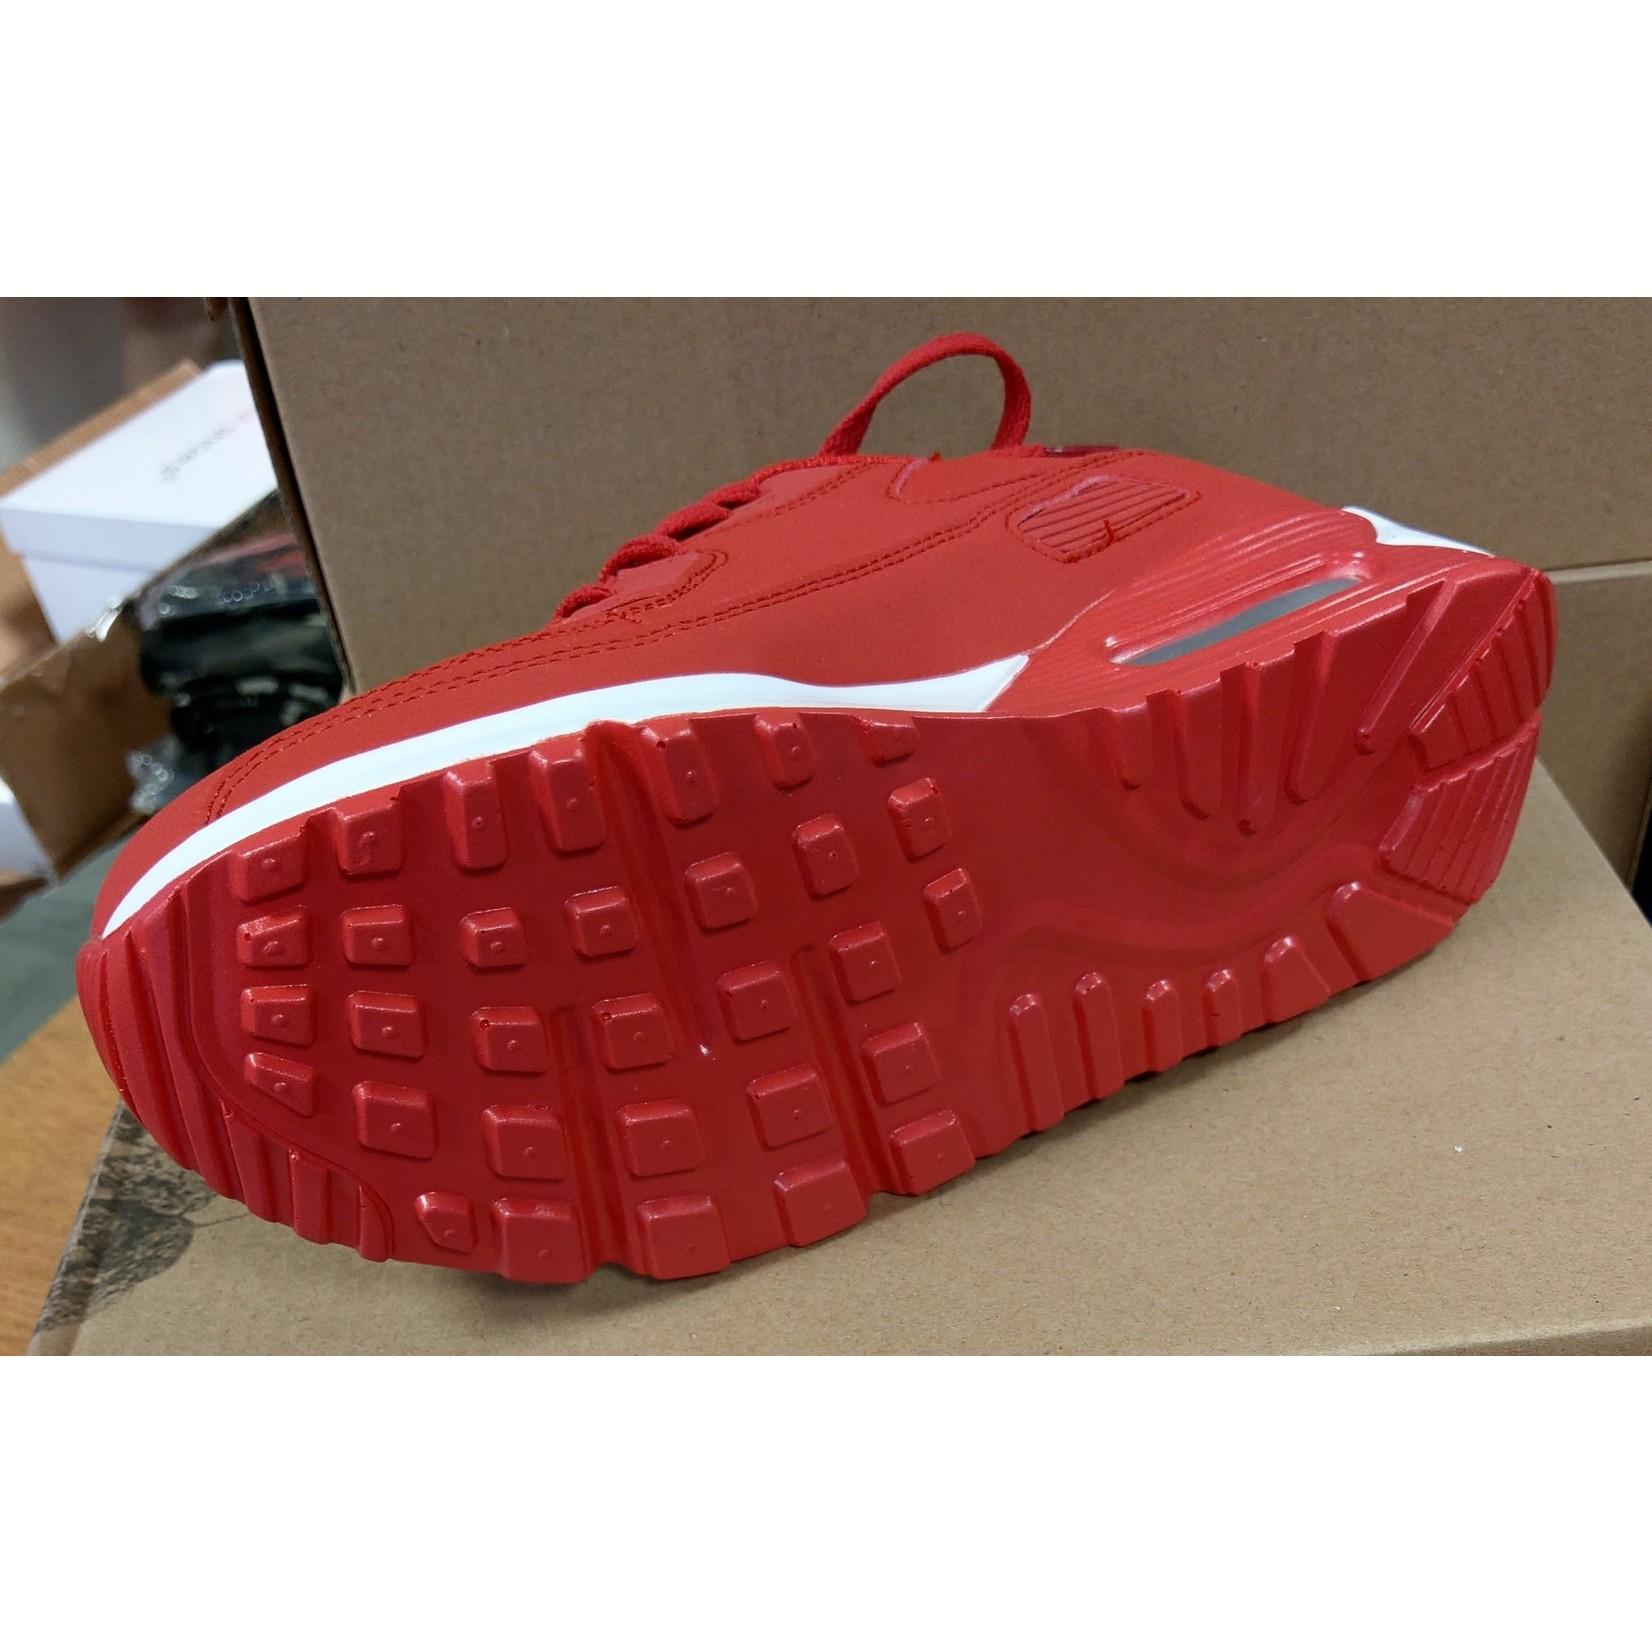 Sneaker unisex Rood met witte zool.